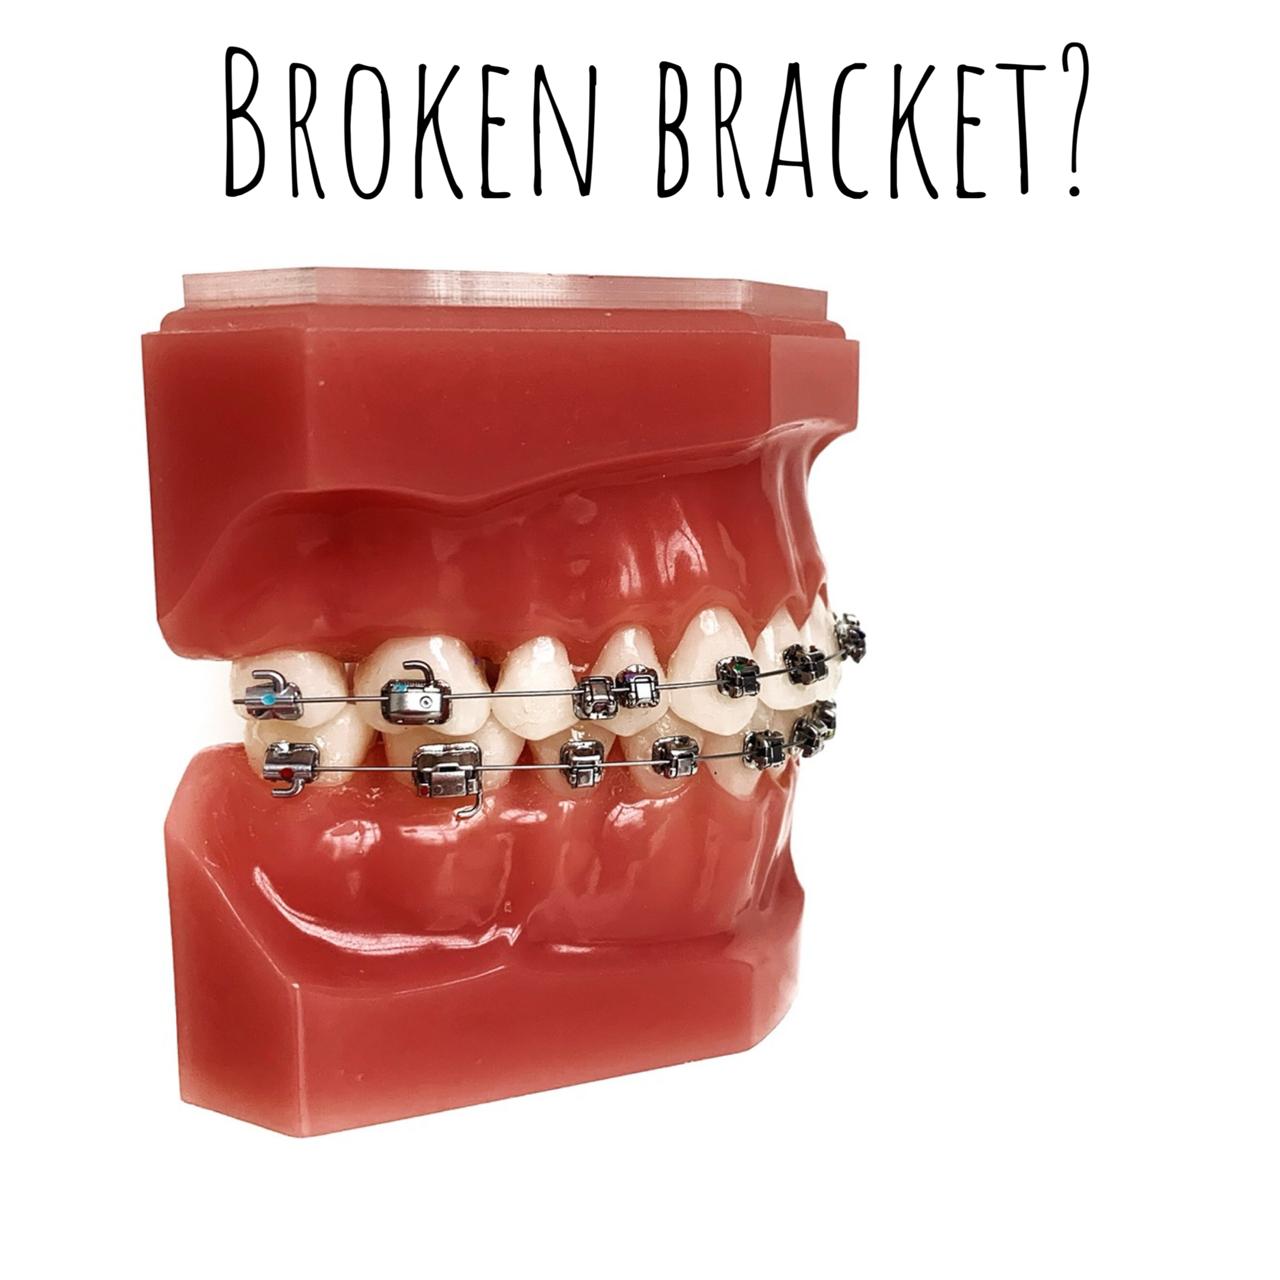 Broken Bracket?